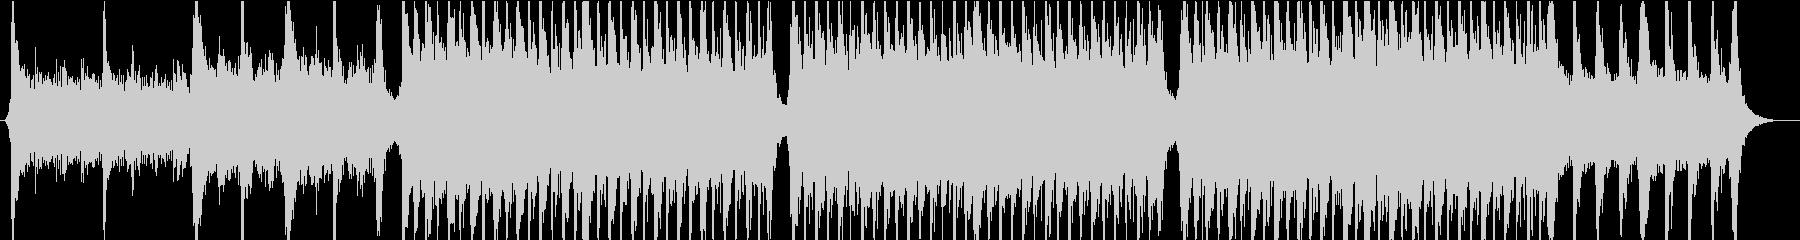 トレイラー風オーケストラ曲の未再生の波形